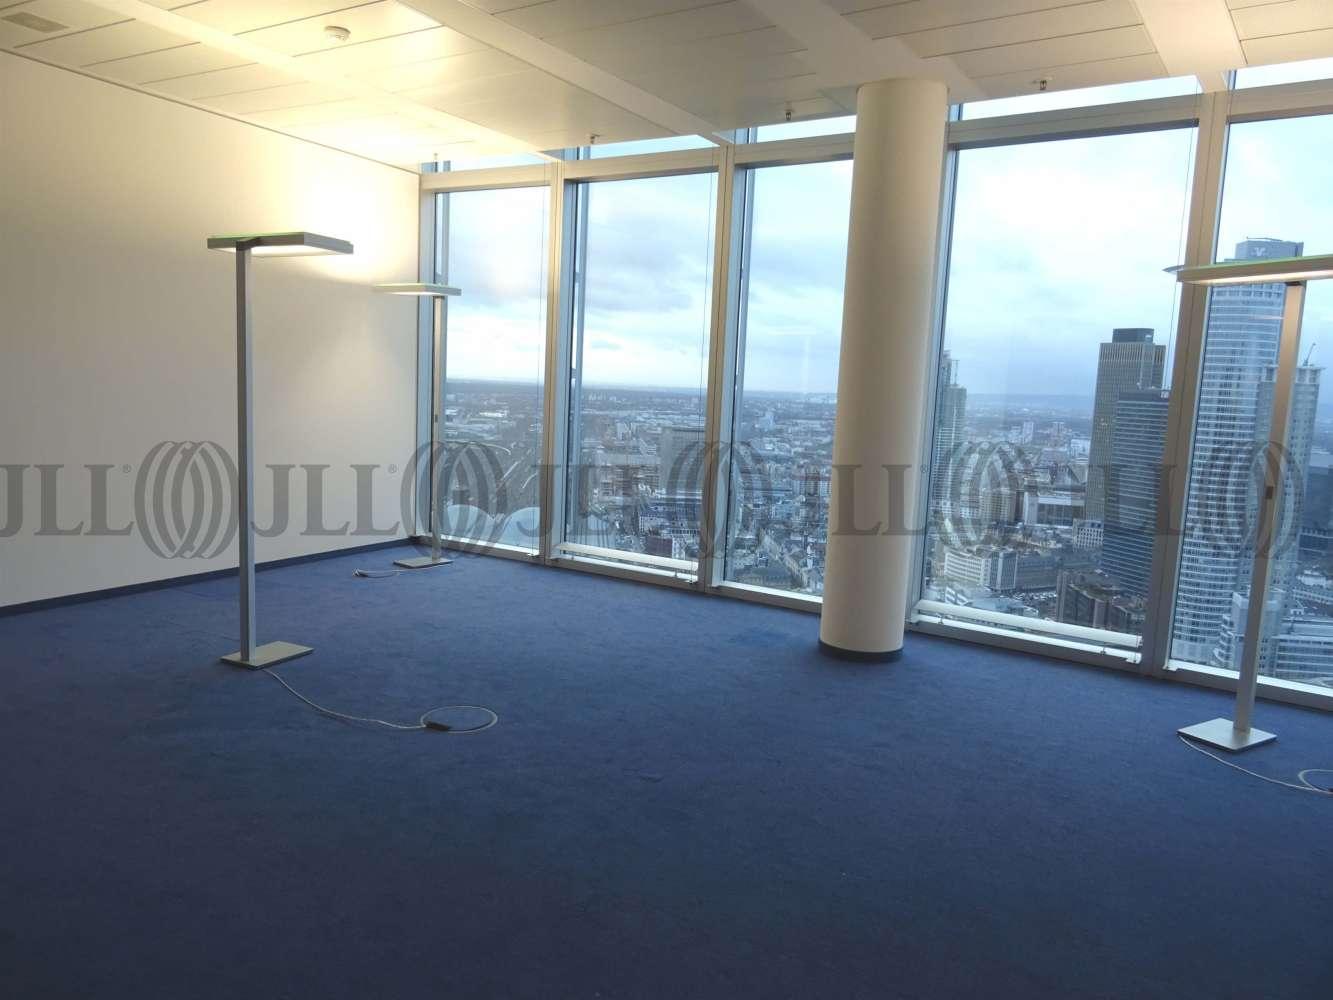 Büros Frankfurt am main, 60329 - Büro - Frankfurt am Main, Innenstadt - F0983 - 10873407